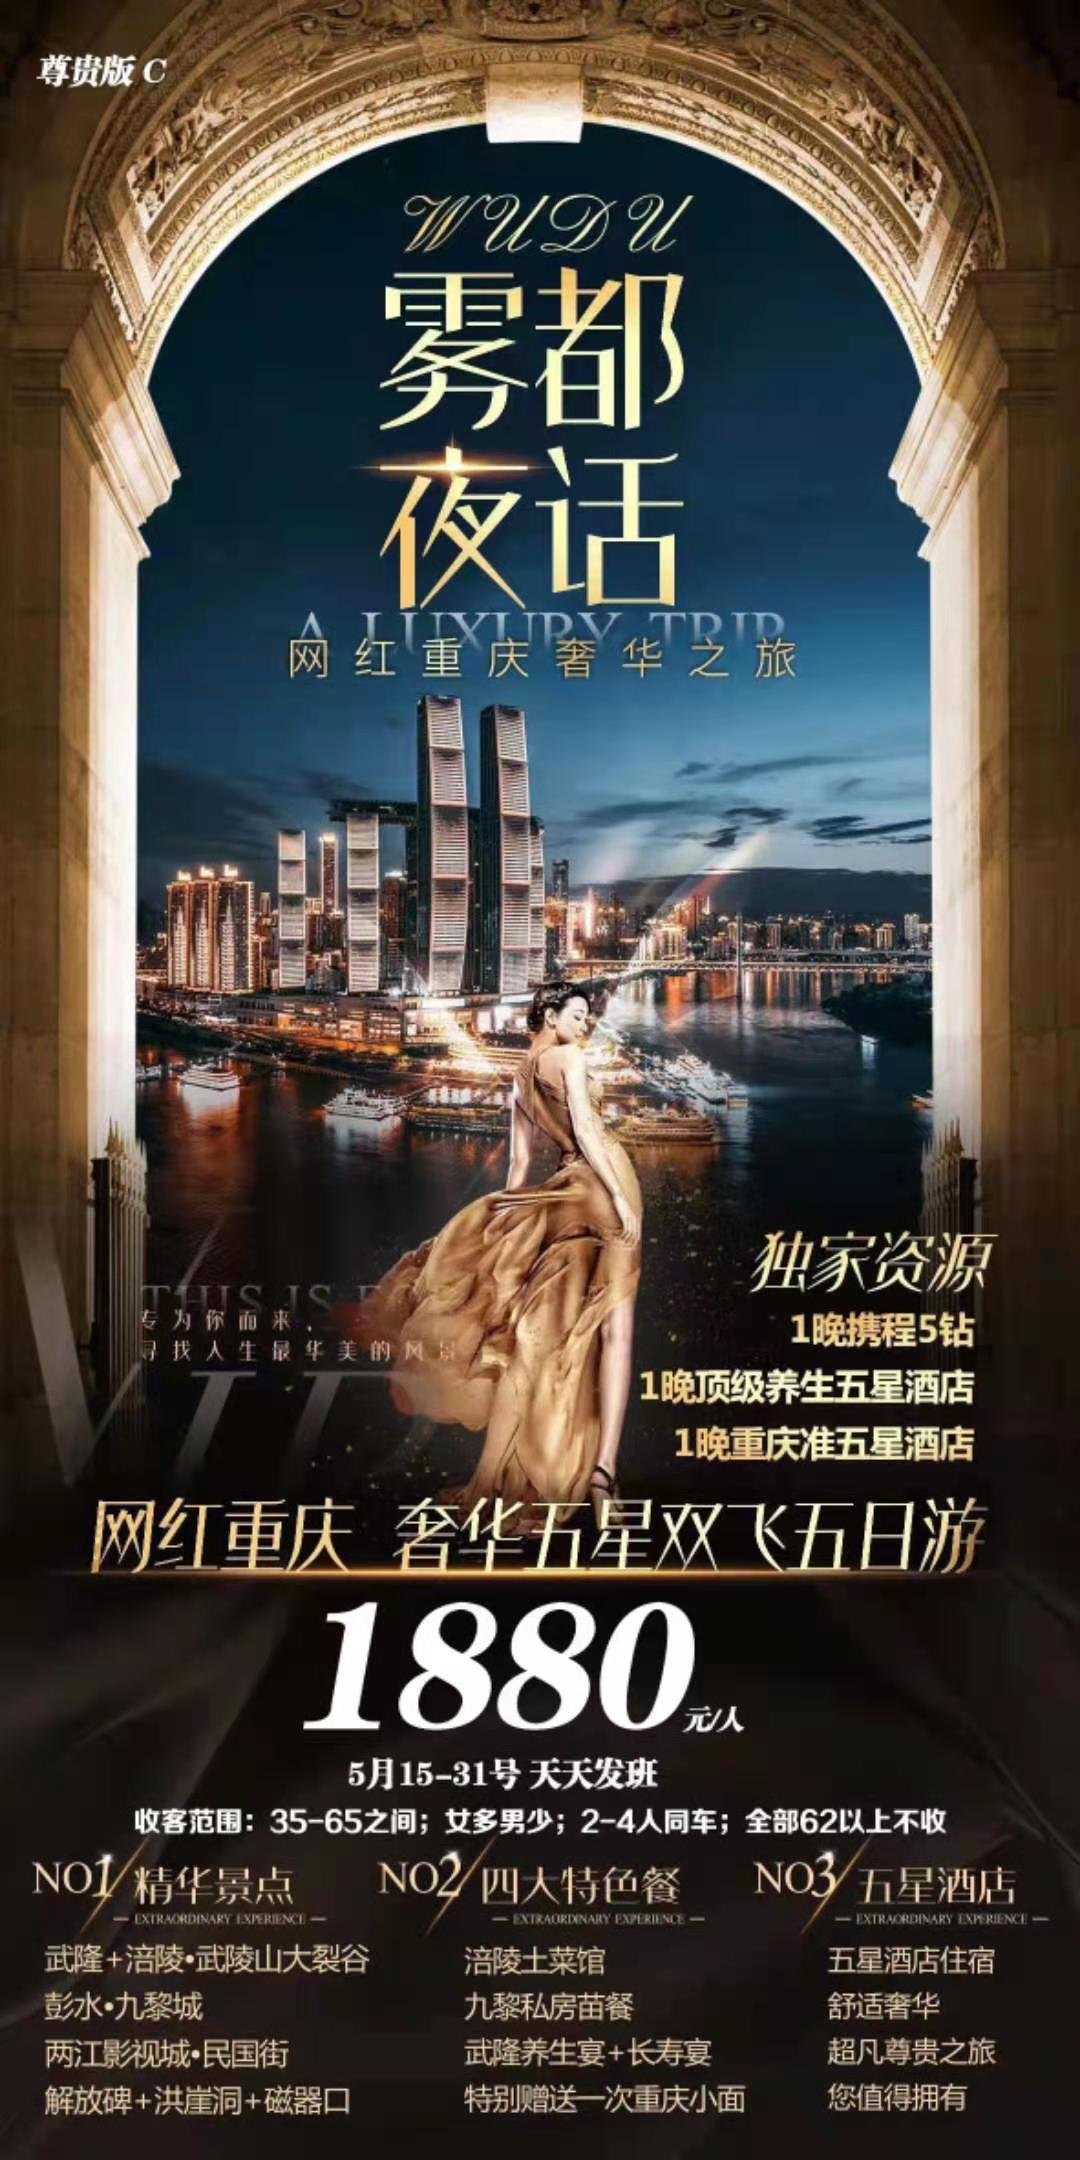 去看重庆夜景